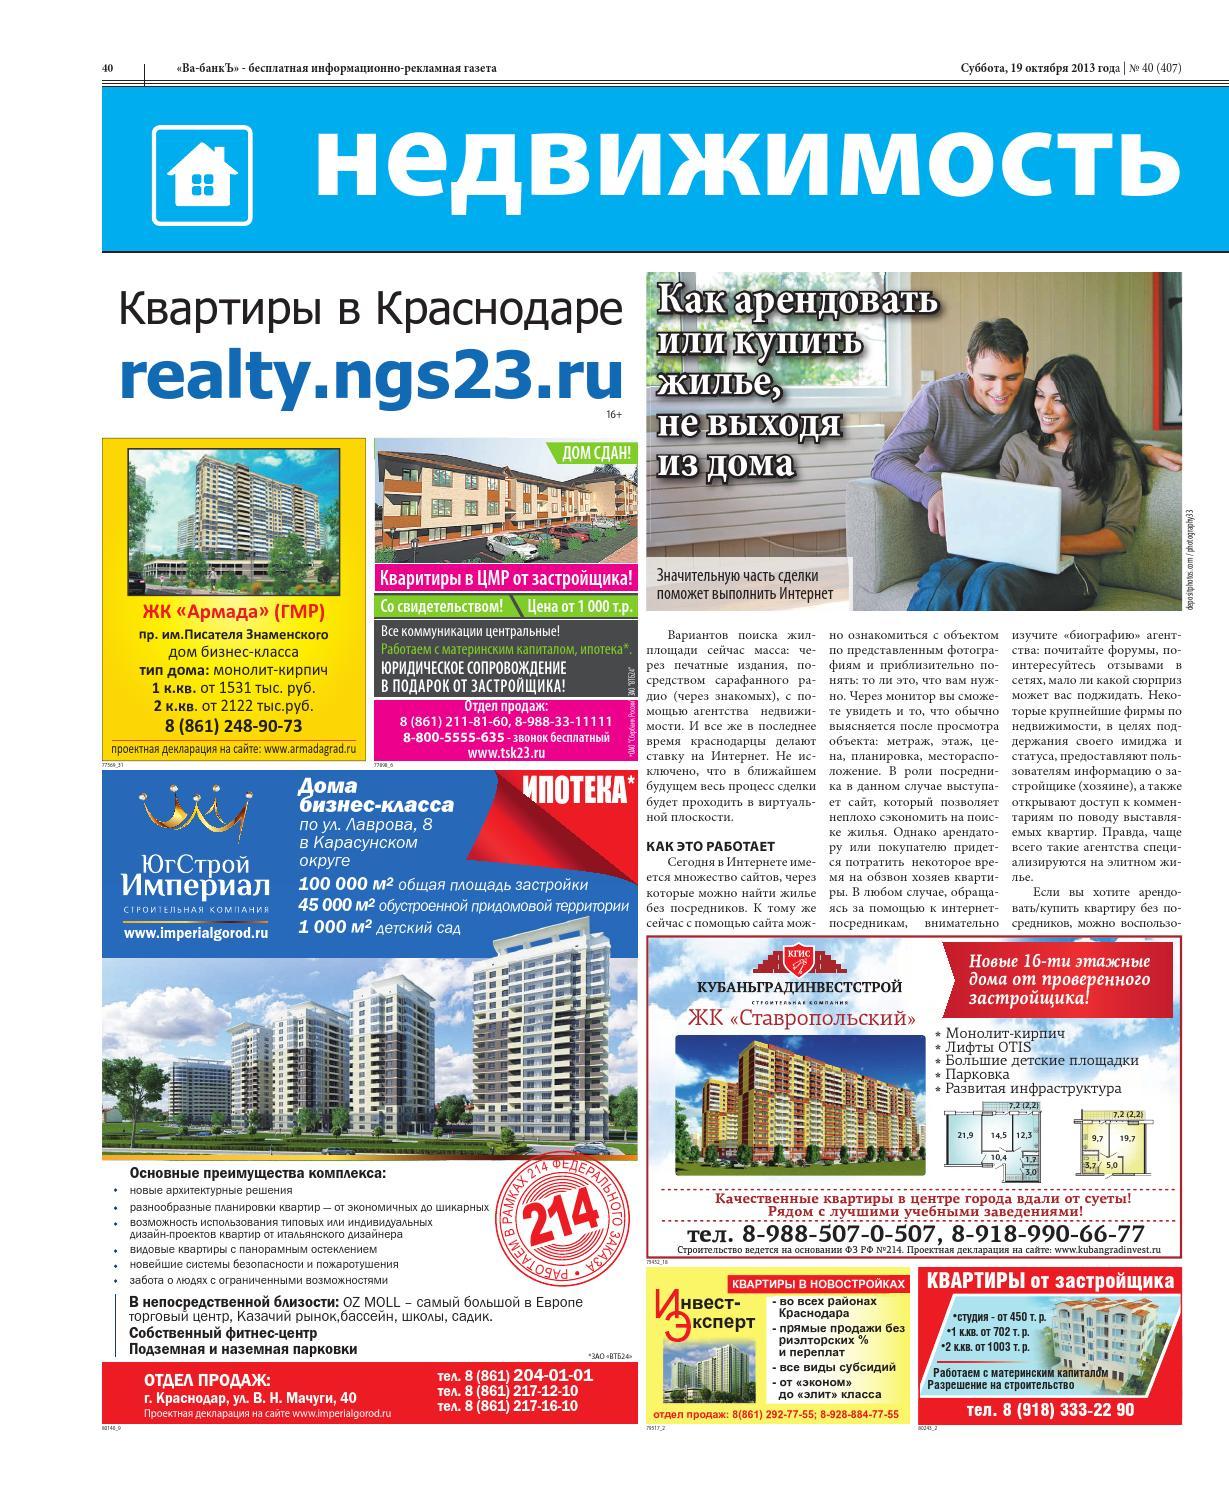 рекламы в газету агентства недвижимости фото требуется записать